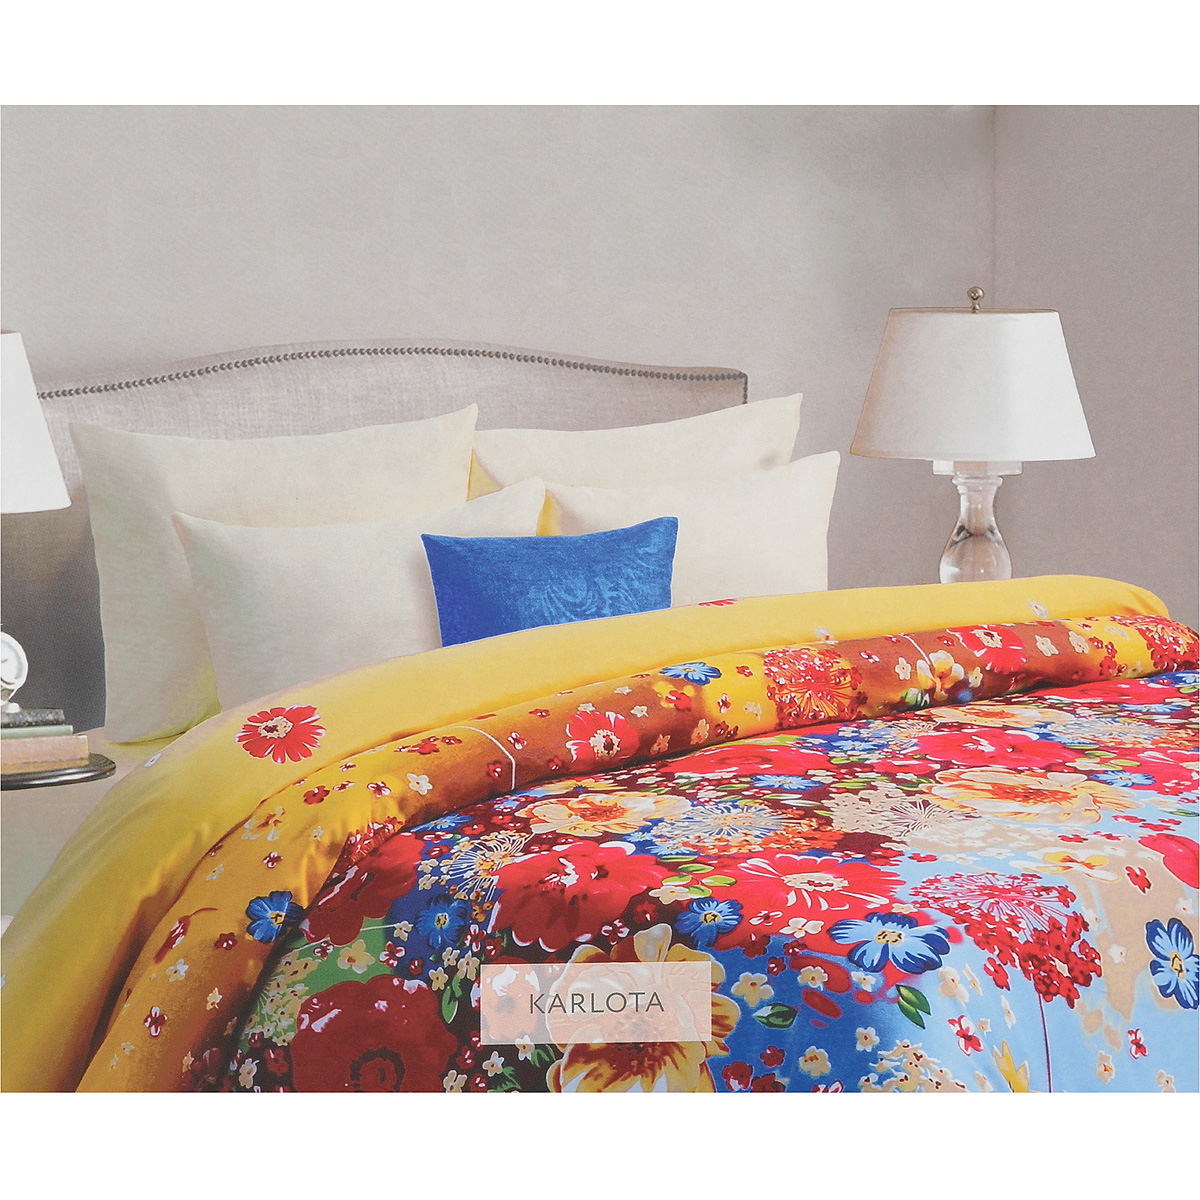 Комплект белья Mona Liza Karlota, 2-спальный, наволочки 50х70, цвет: желтый, голубой. 562205/5CA-3505Комплект белья Mona Liza Karlota, выполненный из батиста (100% хлопок), состоит из пододеяльника, простыни и двух наволочек. Изделия оформлены красивым цветочным рисунком. Батист - тонкая, легкая натуральная ткань полотняного переплетения. Ткань с незначительной сминаемостью, хорошо сохраняющая цвет при стирке, легкая, с прекрасными гигиеническими показателями.В комплект входит: Пододеяльник - 1 шт. Размер: 175 см х 210 см. Простыня - 1 шт. Размер: 215 см х 240 см. Наволочка - 2 шт. Размер: 50 см х 70 см. Рекомендации по уходу: - Ручная и машинная стирка 40°С, - Гладить при температуре не более 150°С, - Не использовать хлорсодержащие средства, - Щадящая сушка, - Не подвергать химчистке.